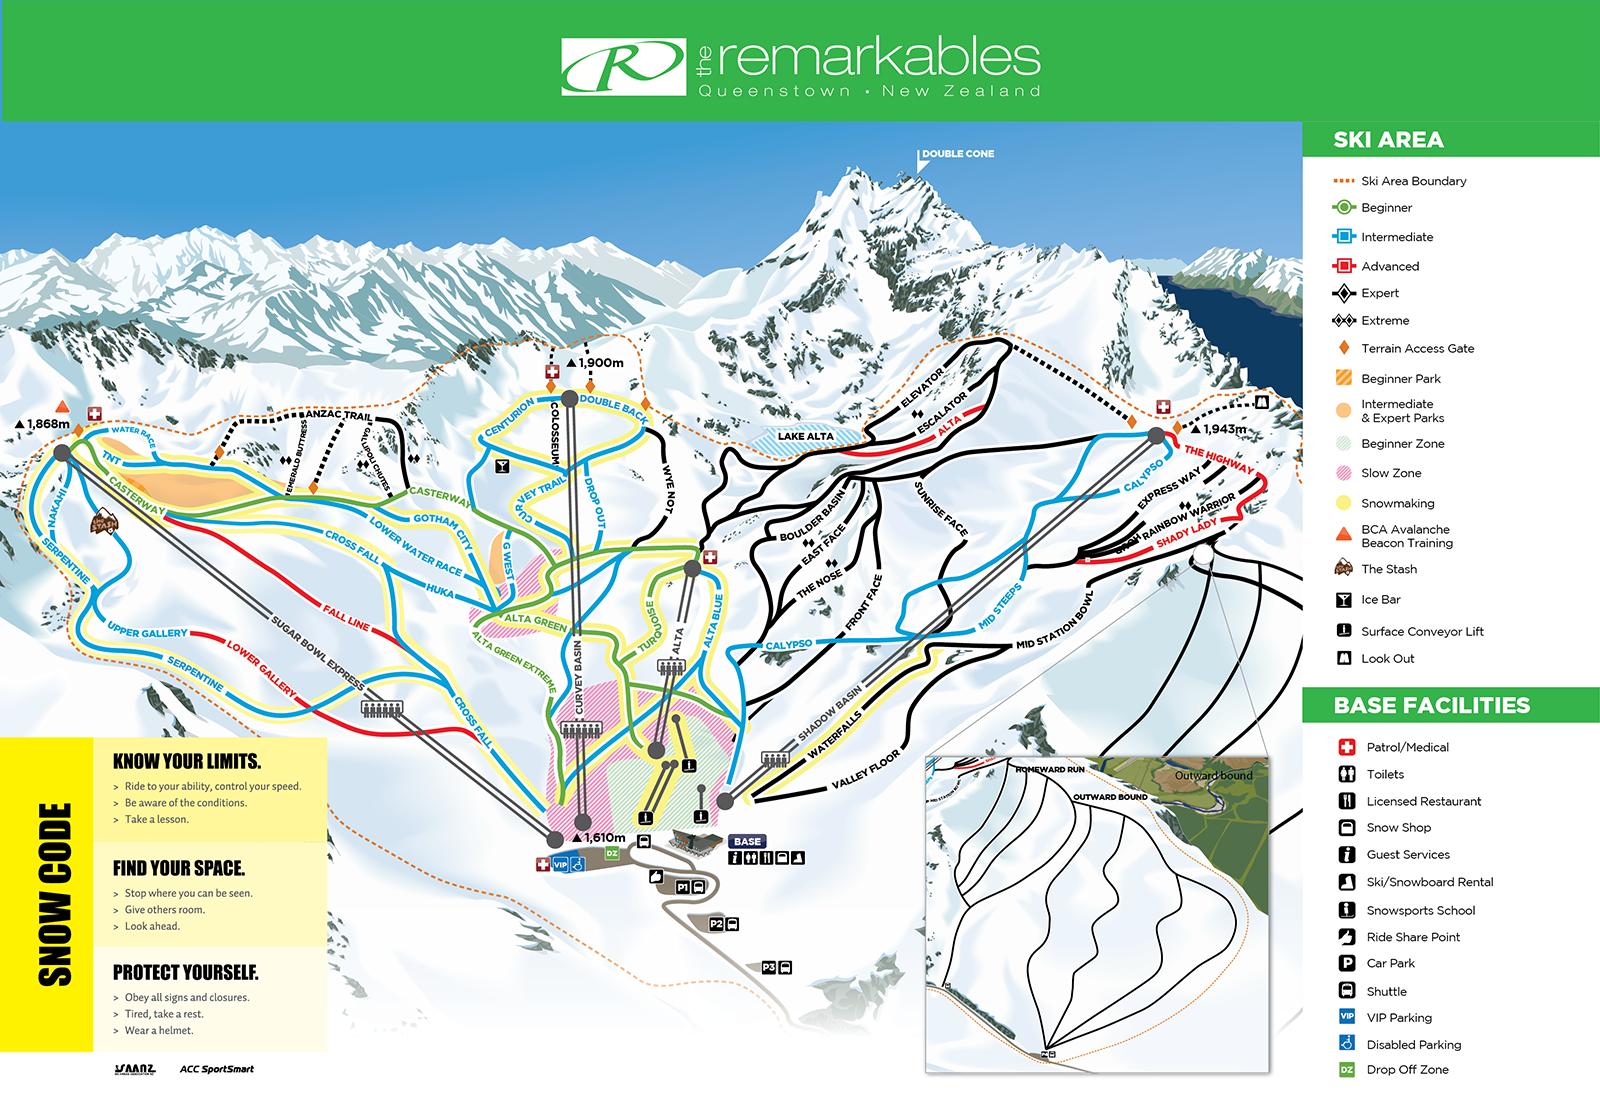 nzski-trail-map-the-remarkables-2020-website.png